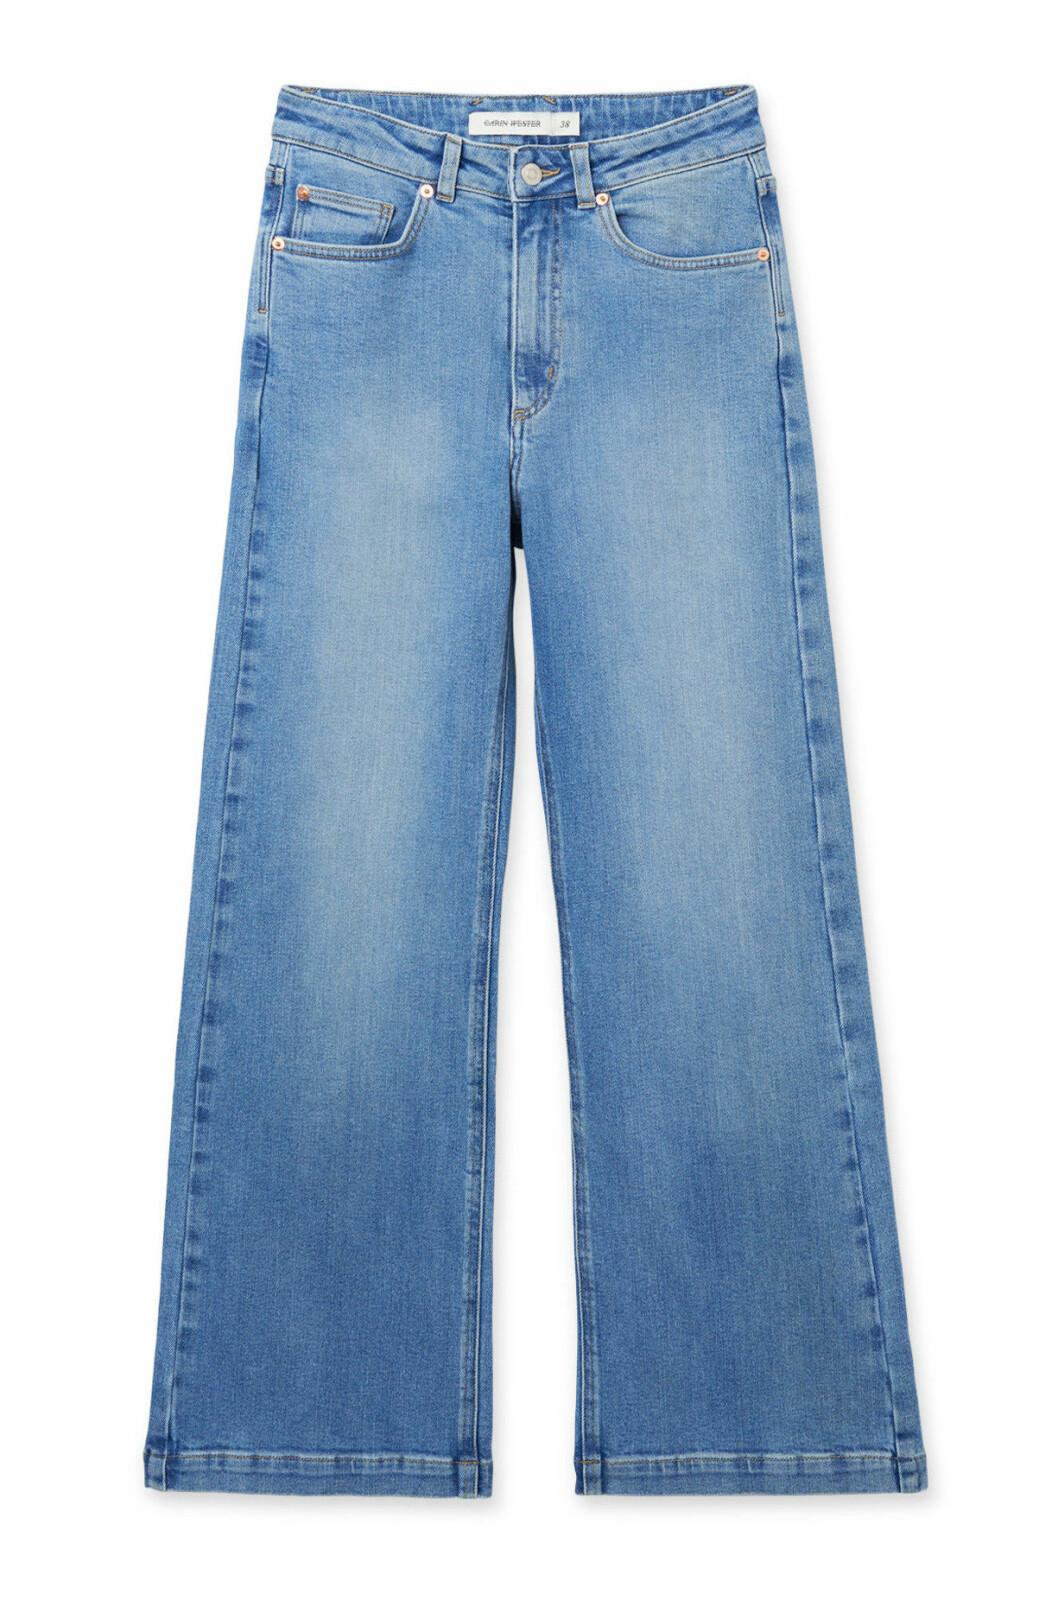 Jeans för dam med vida ben till våren 2019